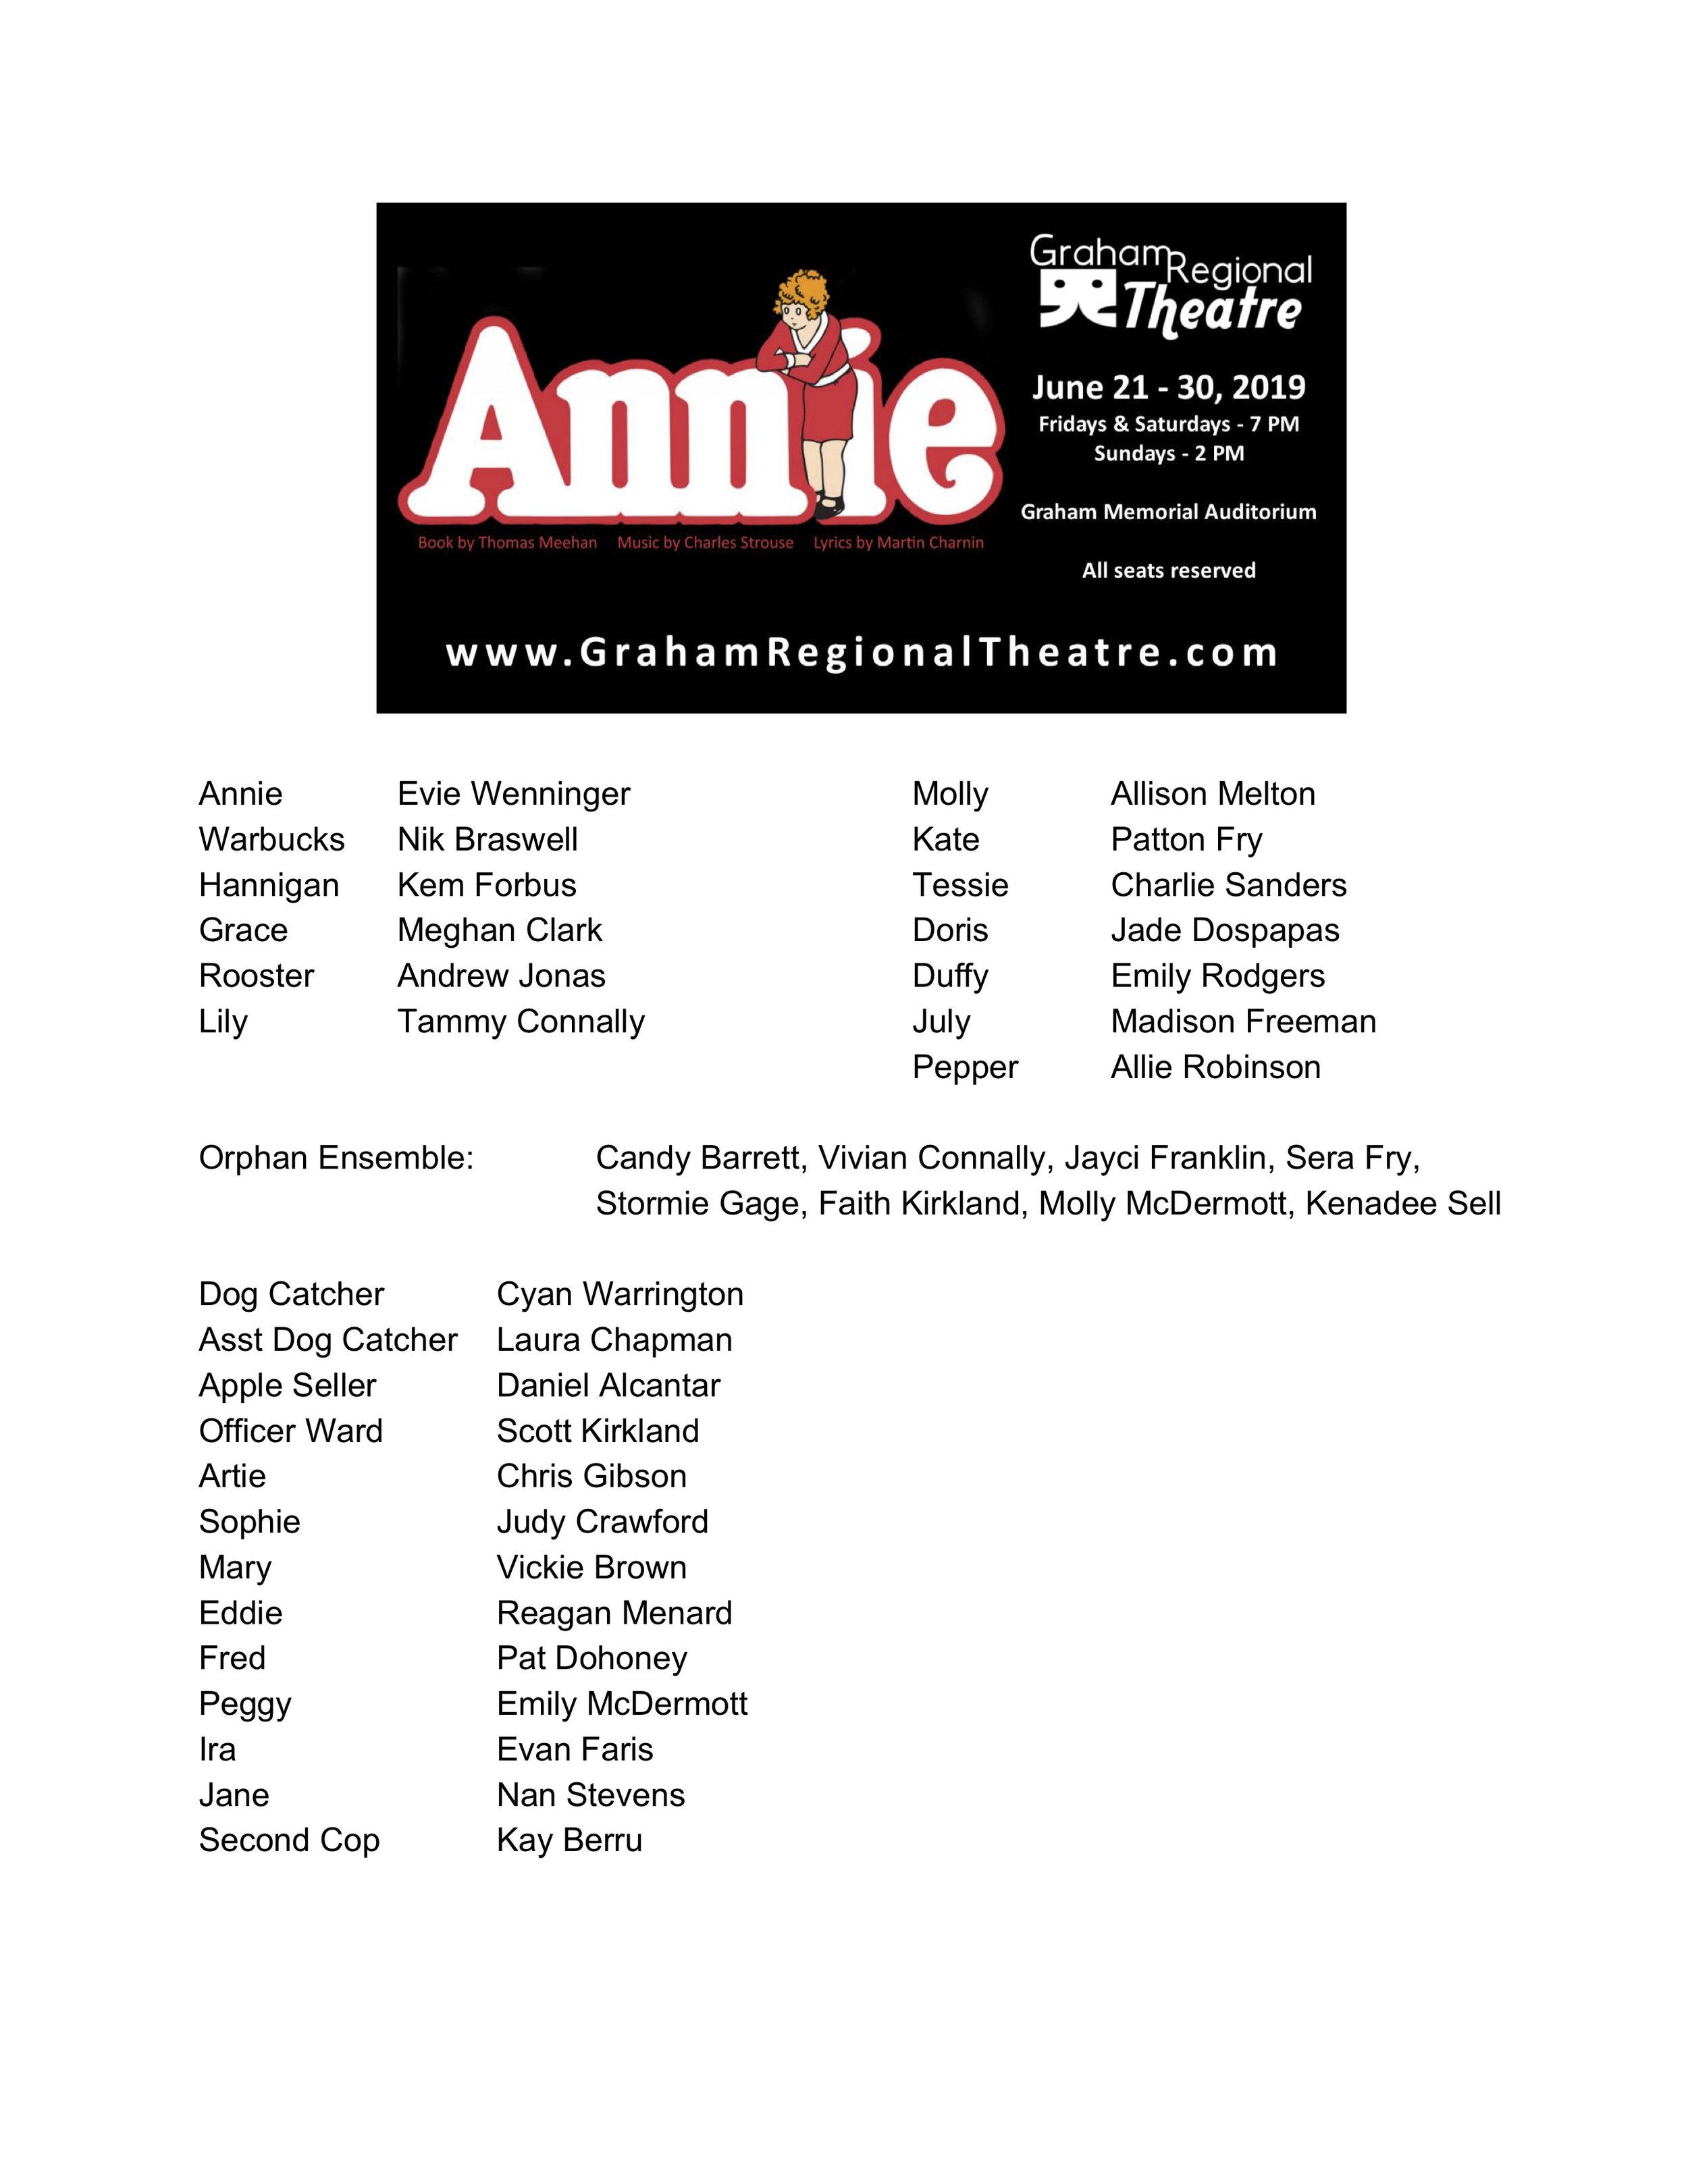 Annie Cast & Crew 01.jpg